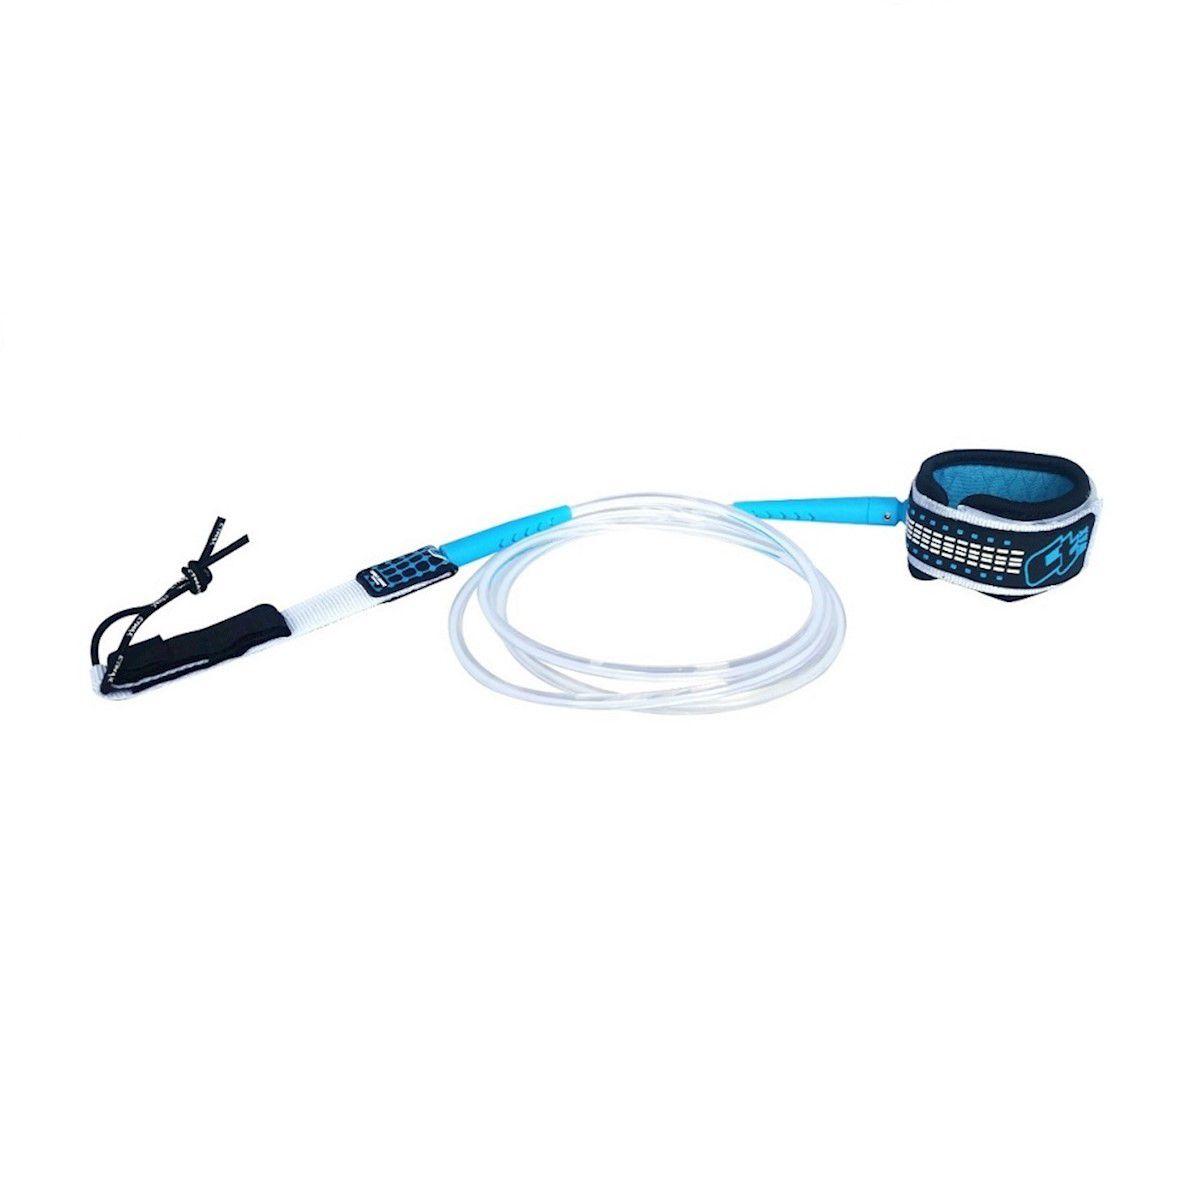 Leash Surf Ct Wax Comp Pro 6 Pés 6MM Blue